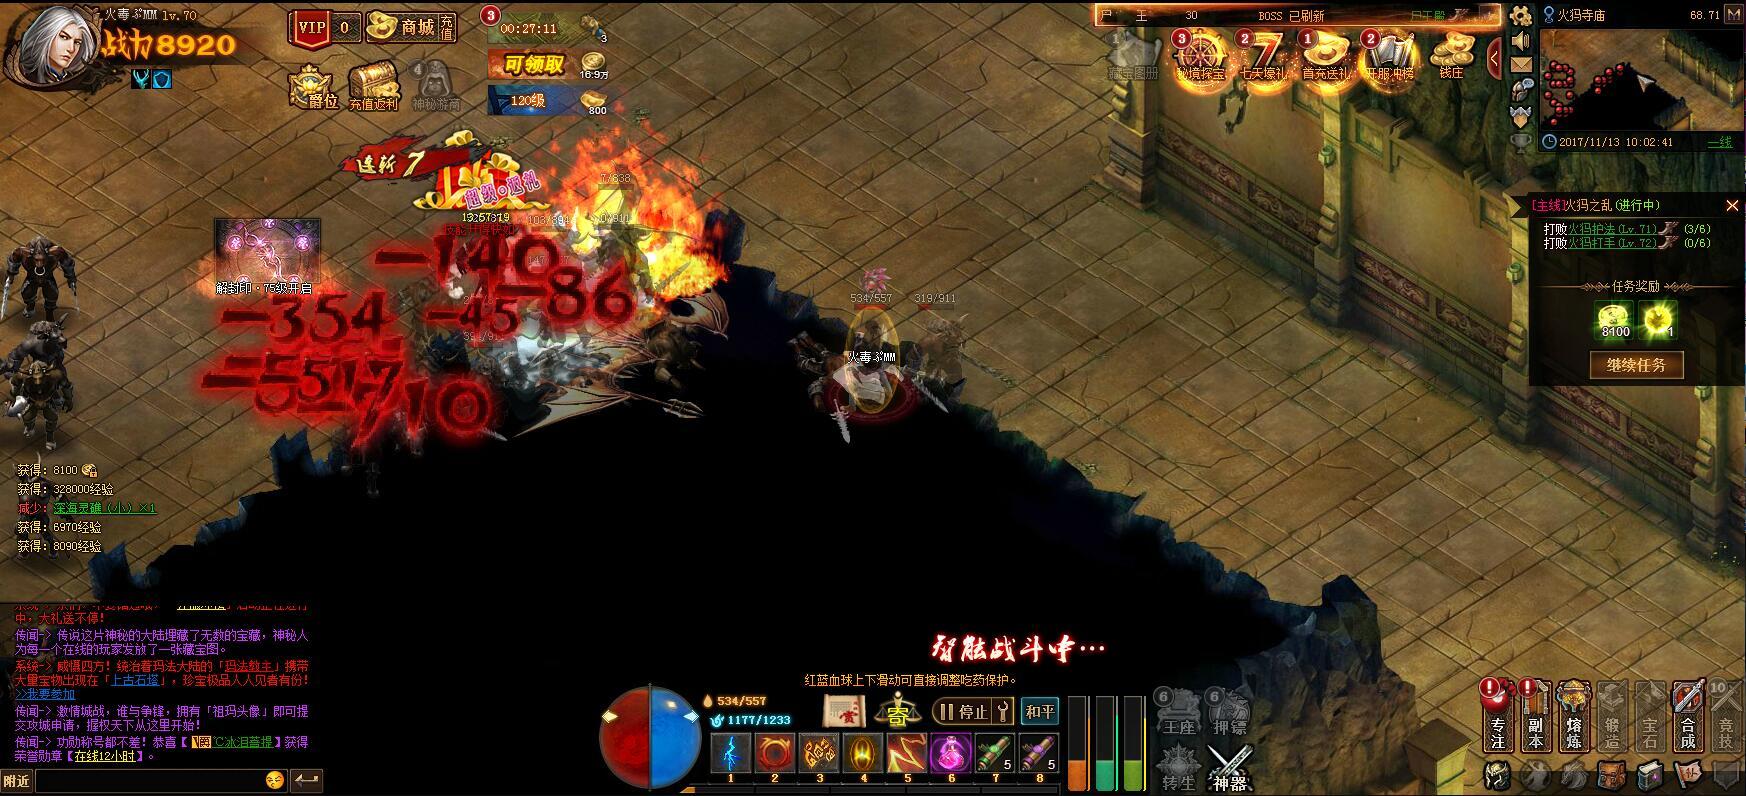 龙魂之怒游戏截图2